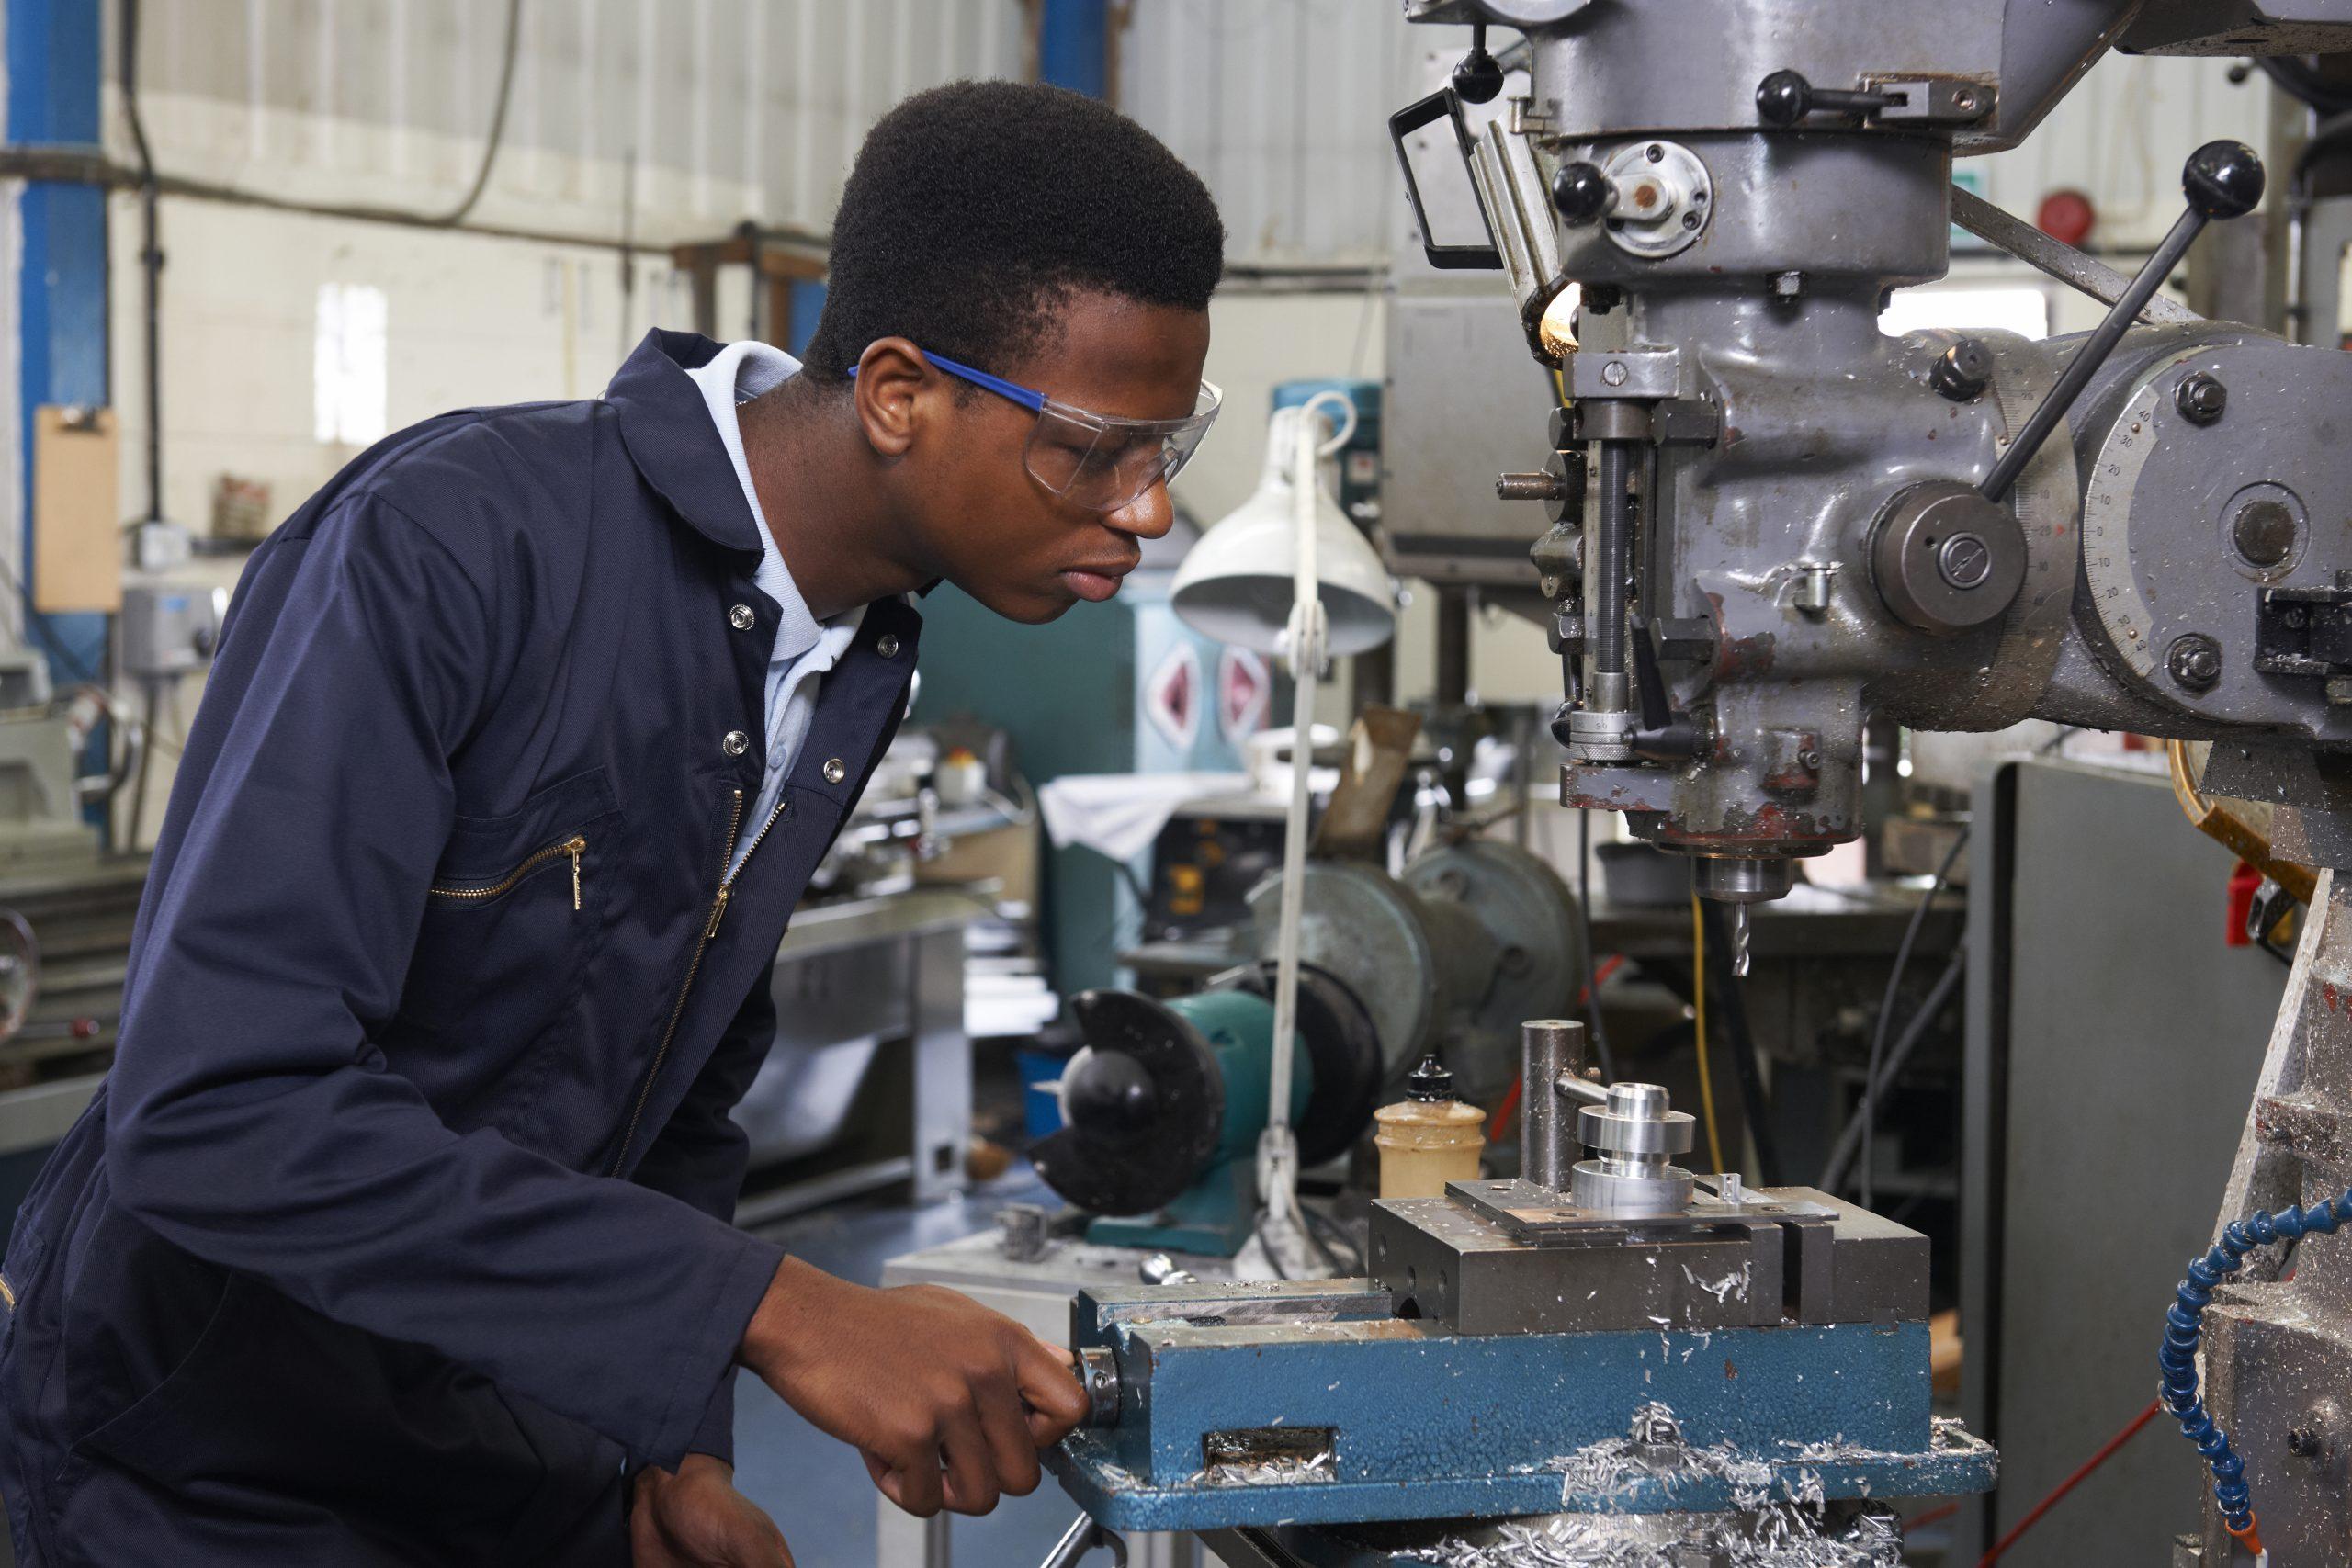 jovem aprendiz de engenharia operando maquina